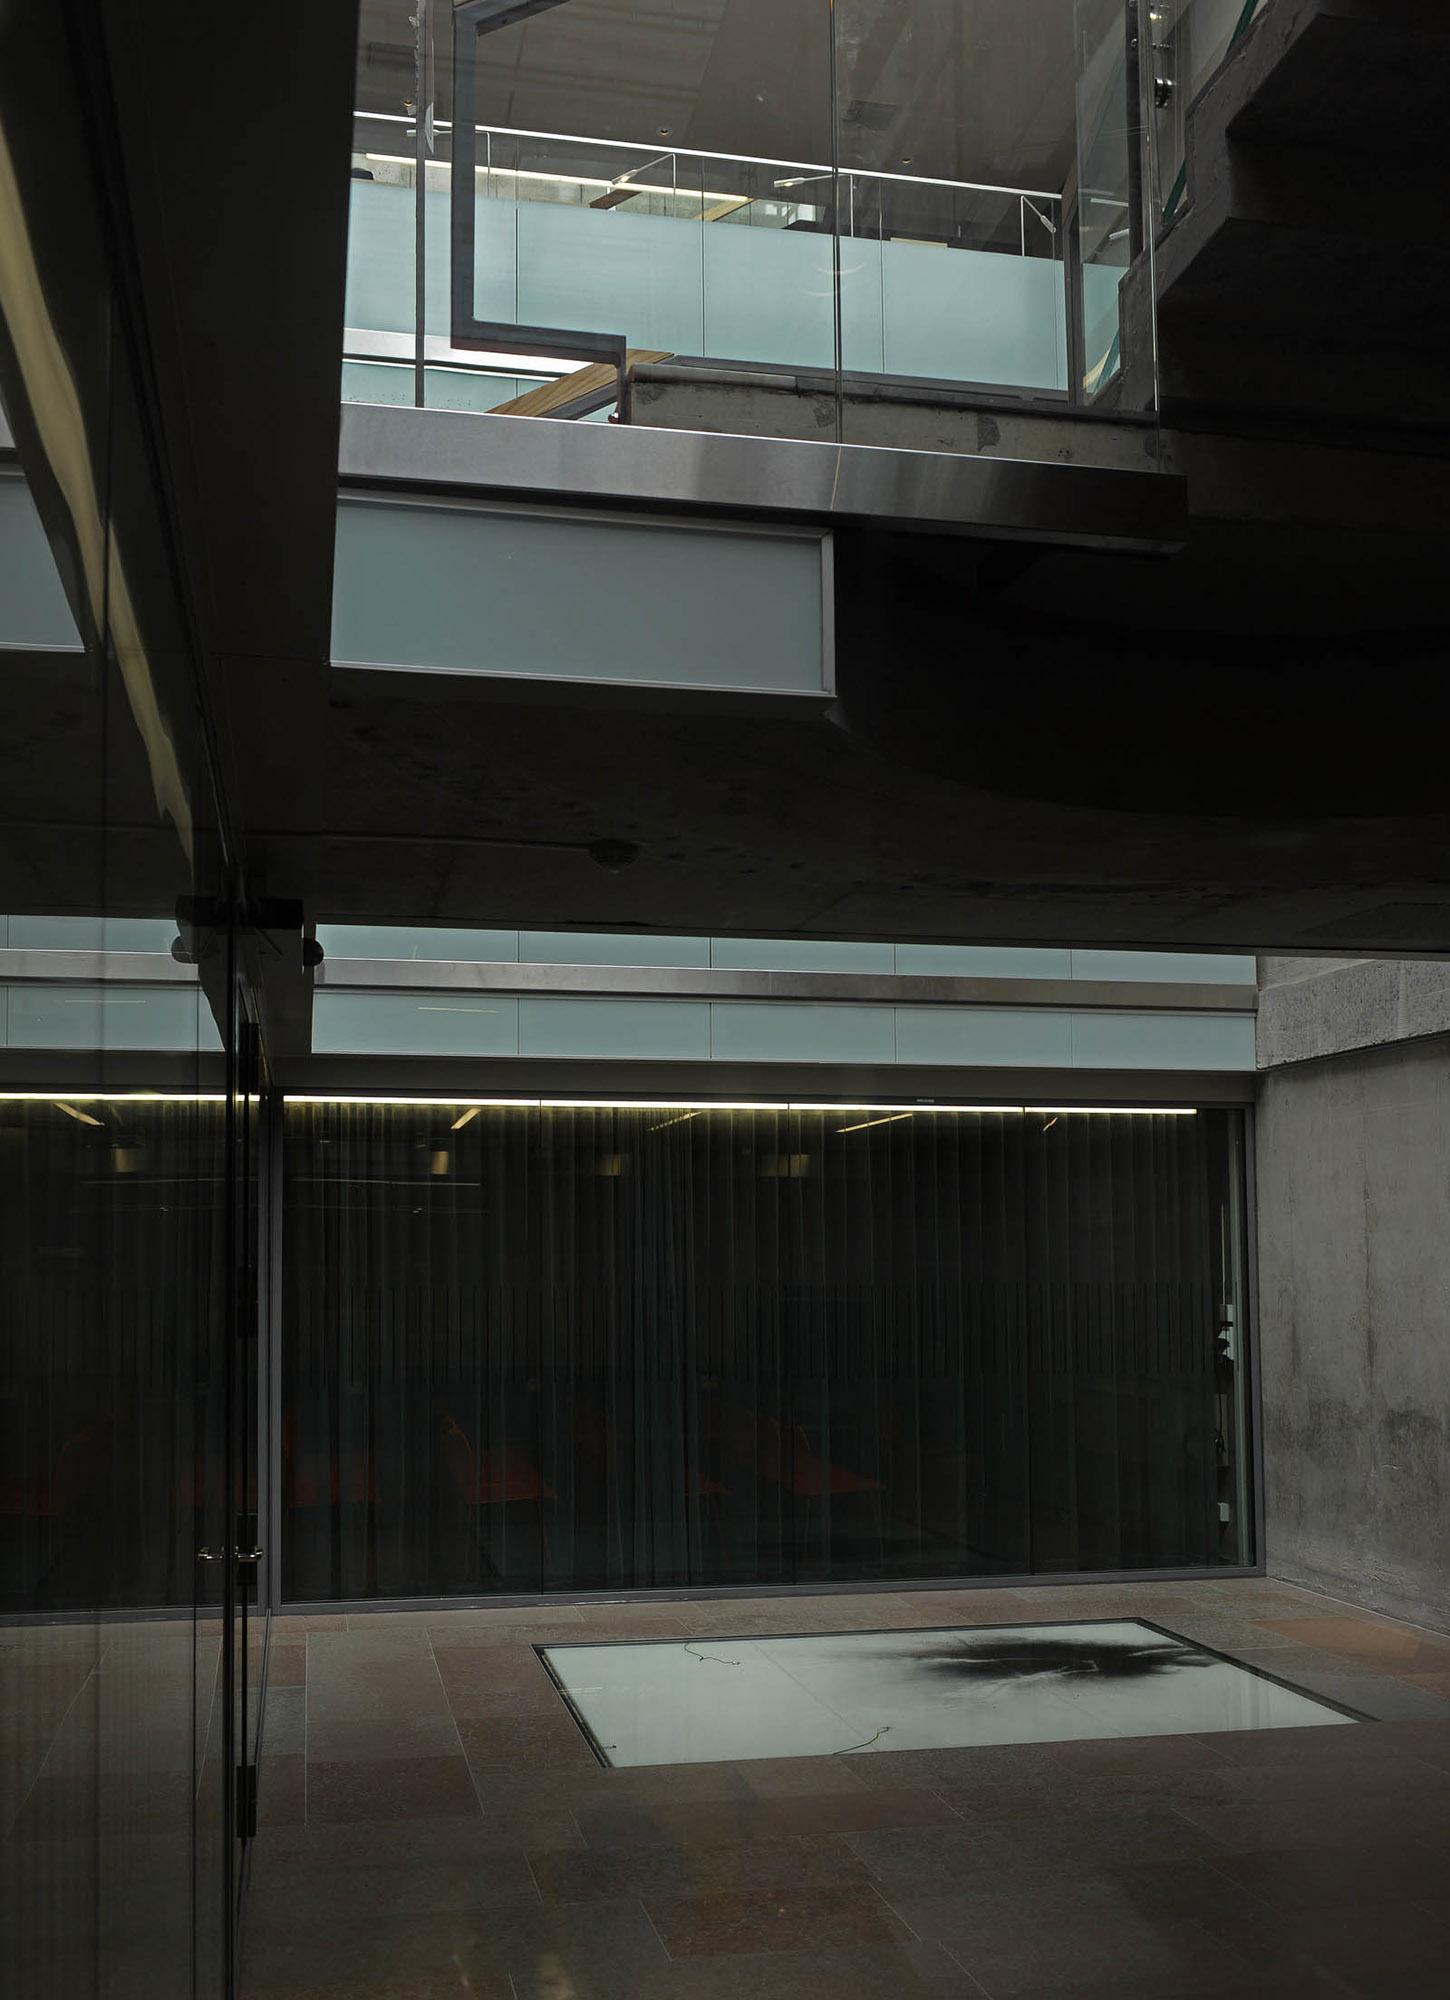 Glasplatta med utspritt kolpulver. I kolets svärta syns de vita spåren av elektricitetens framfart. Nina Canell, Impulse Slight (100 000 Volt)